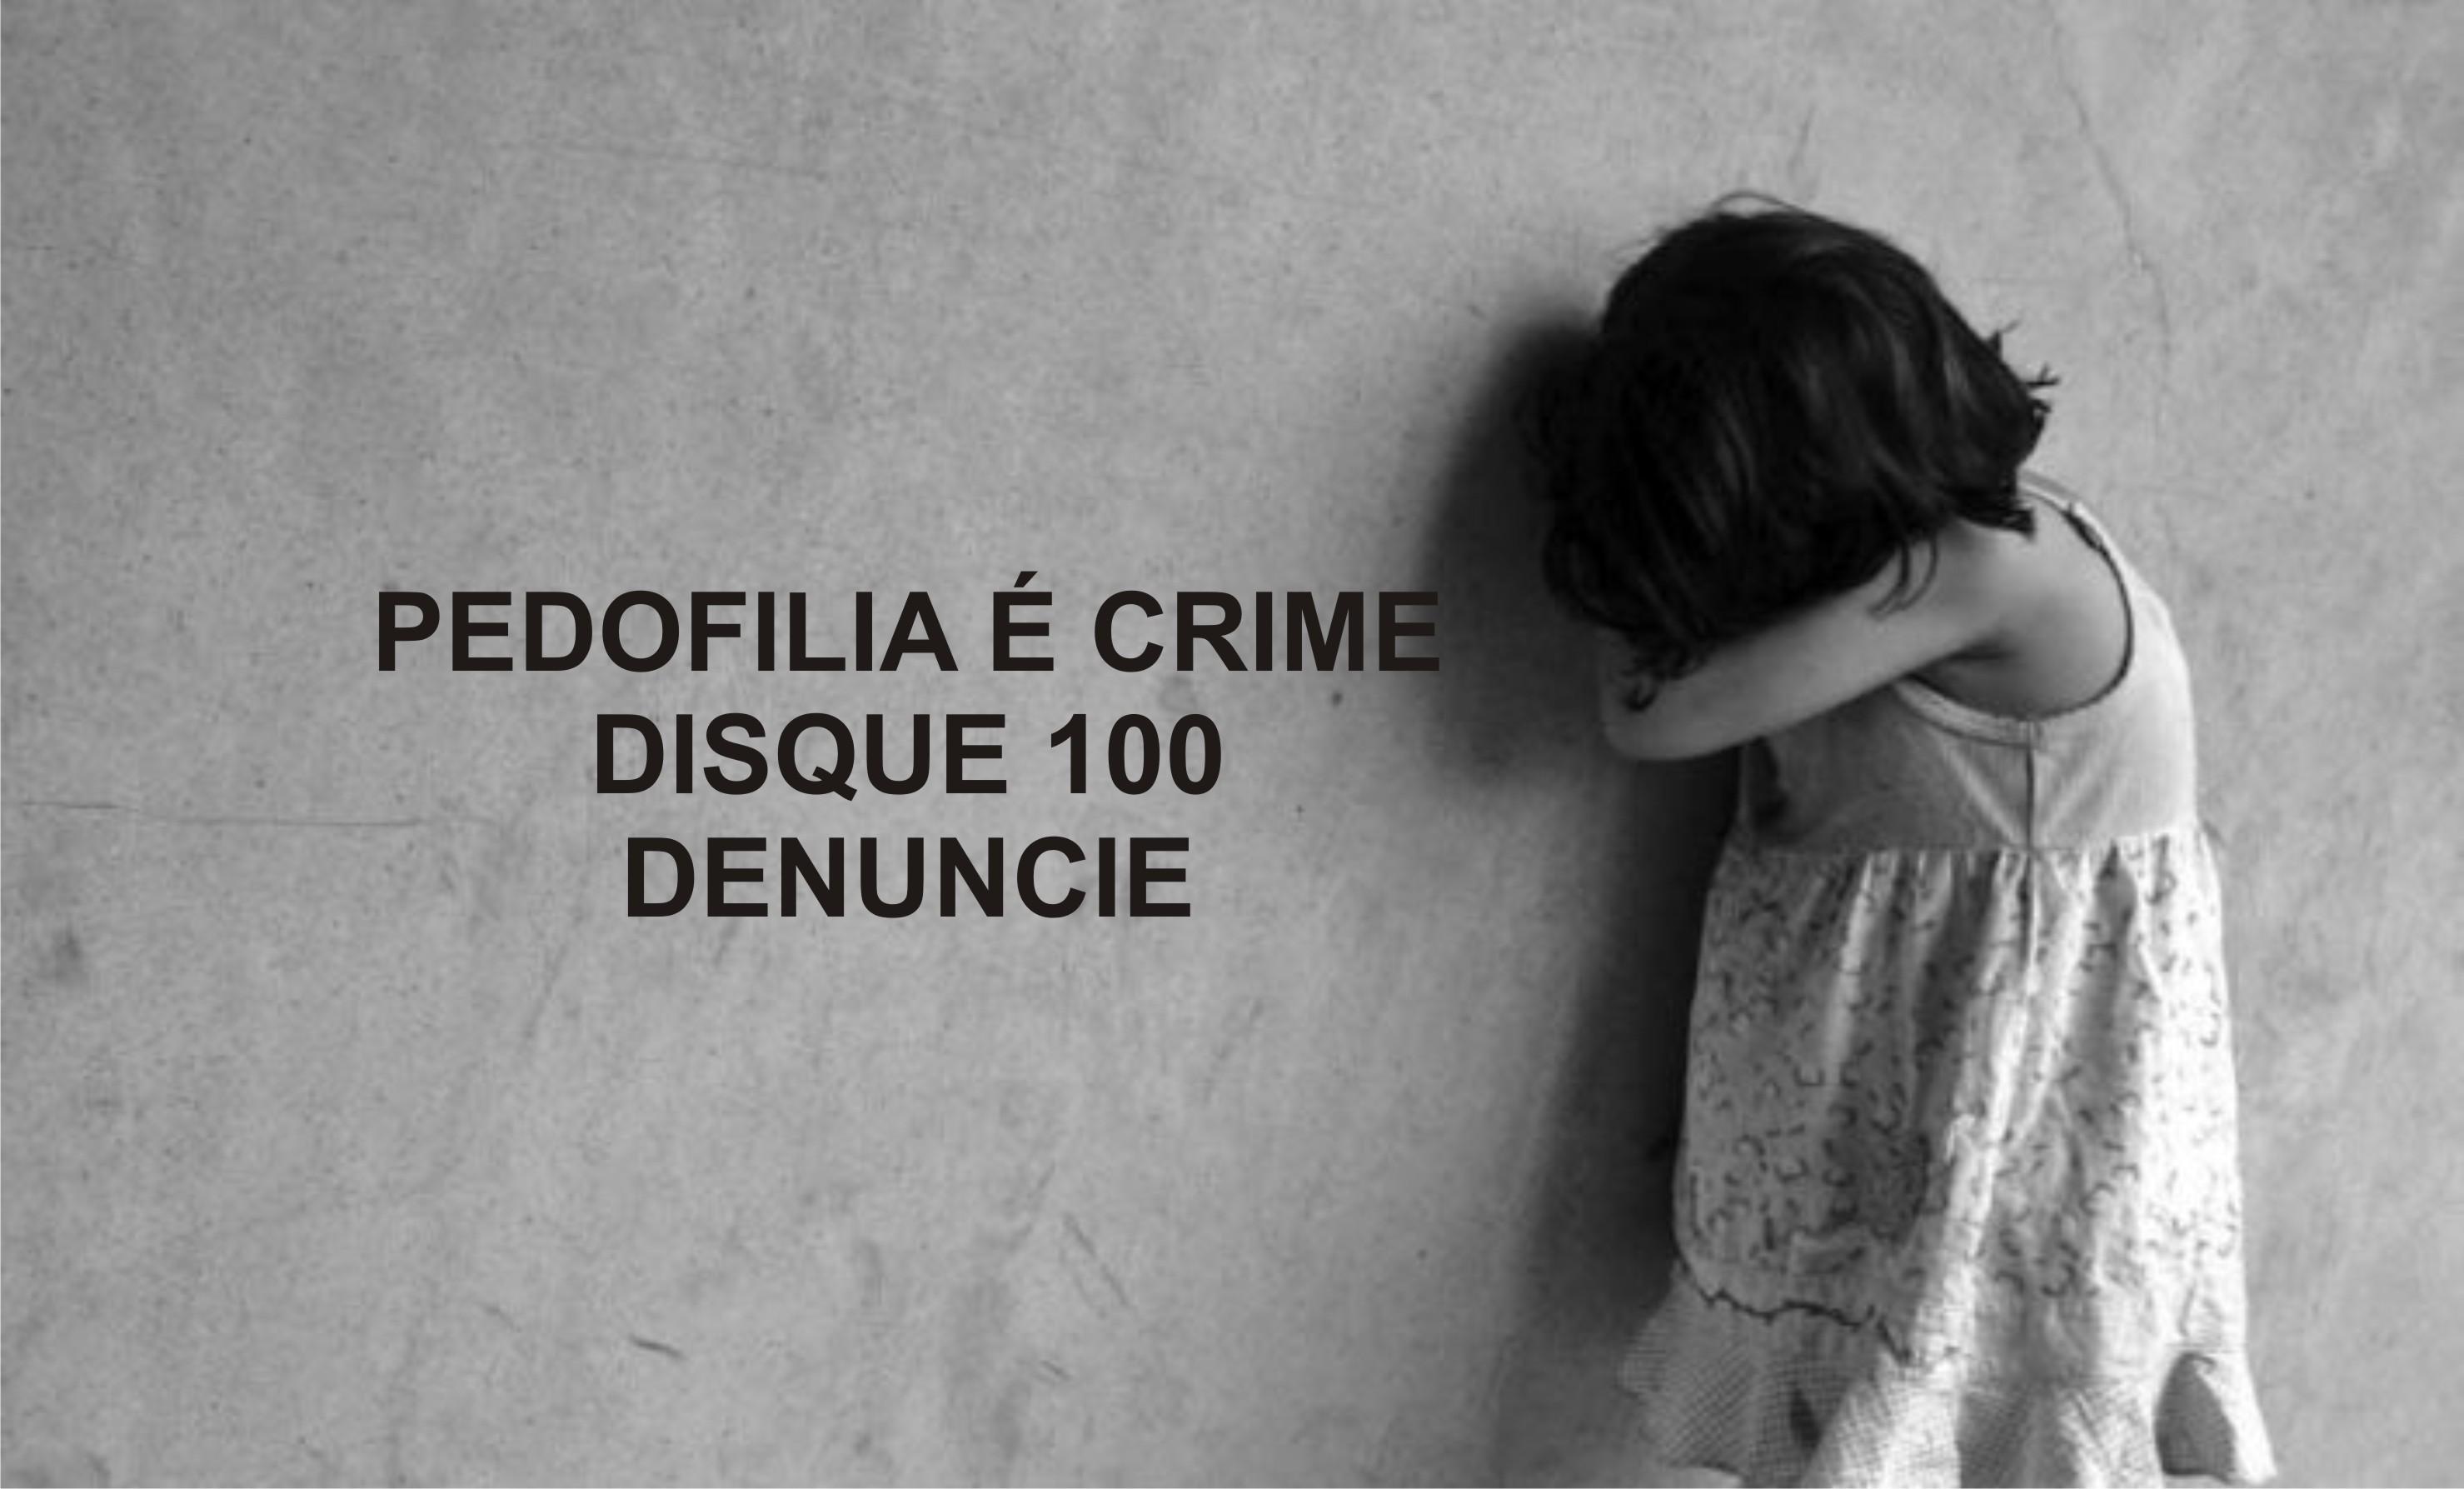 Pedofilia: É preciso entender sobre o assunto e denunciar